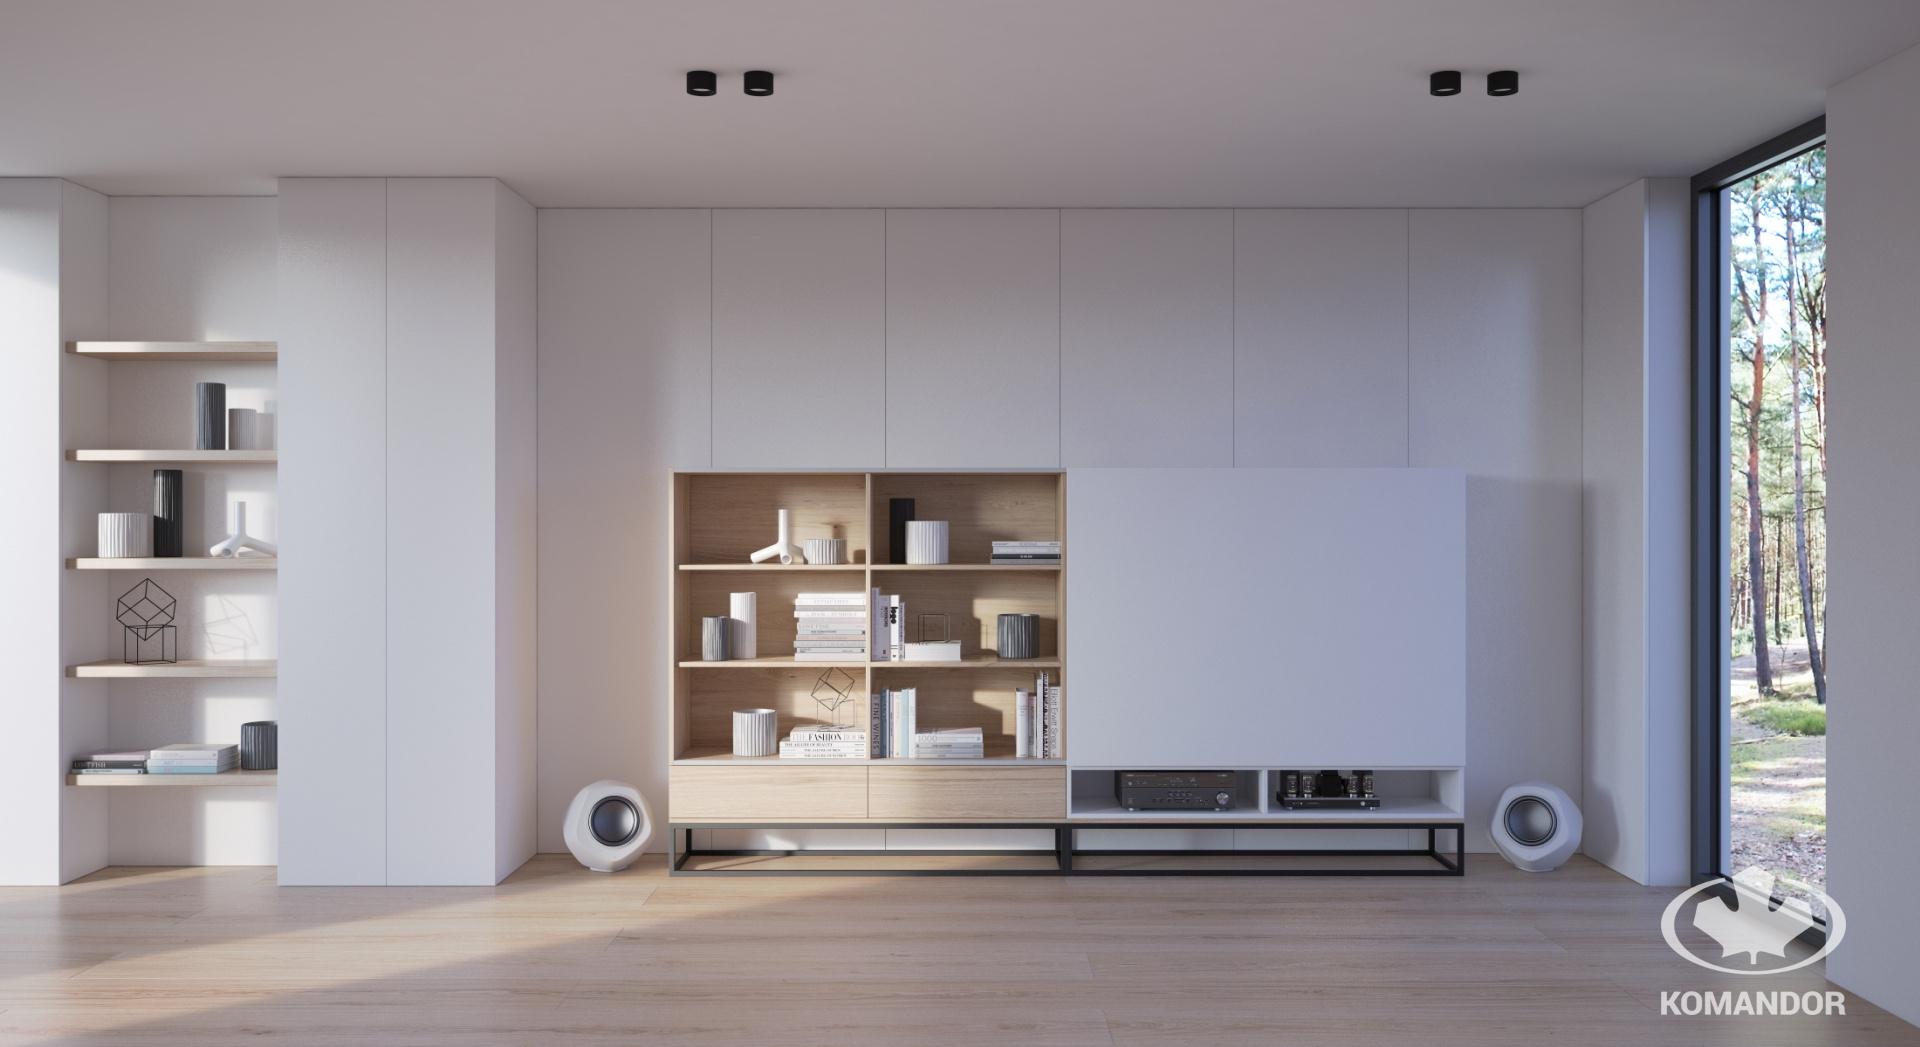 minimalista fehér beépített szekrény